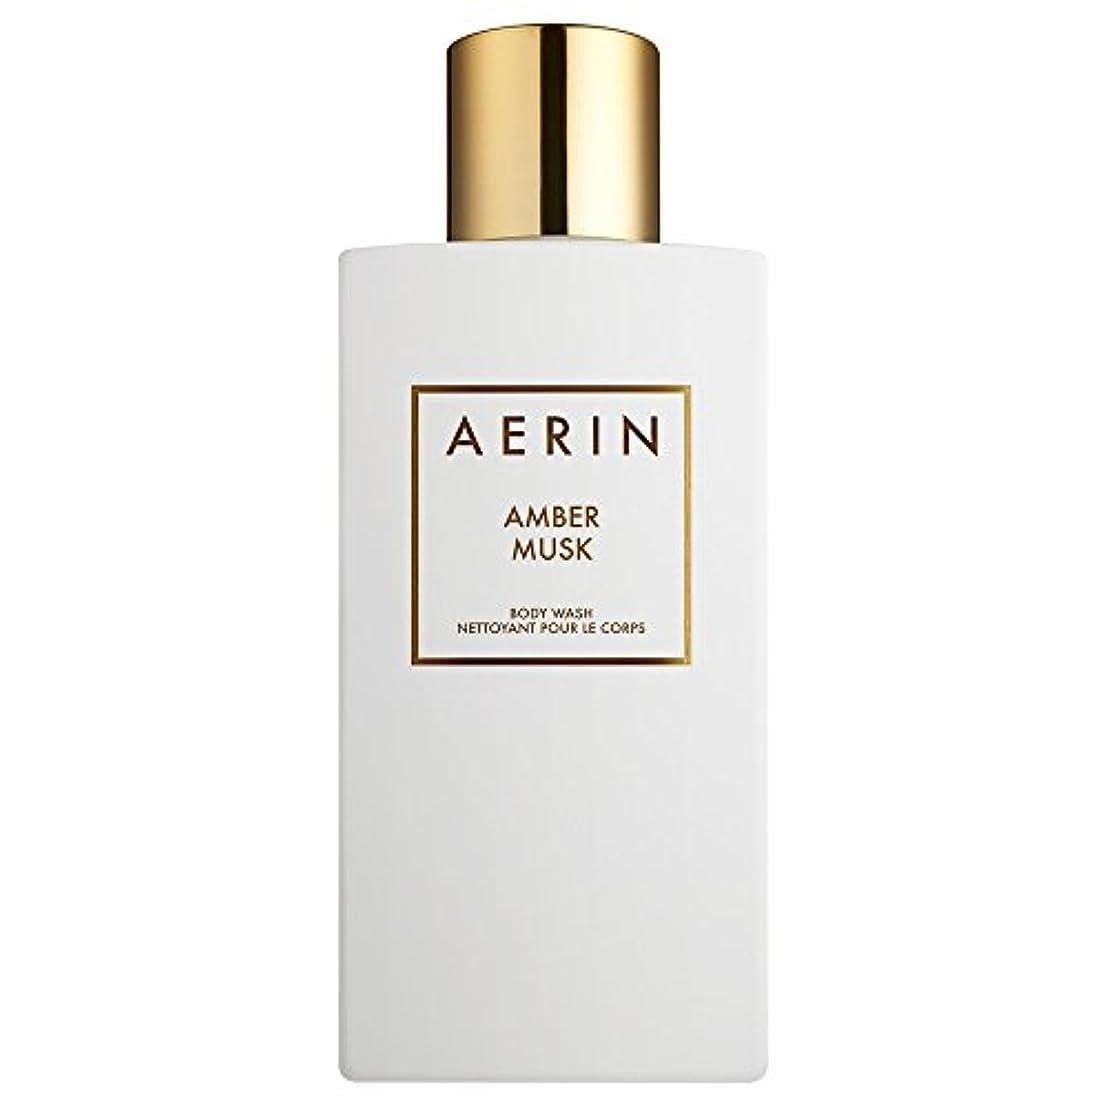 傾向があります進行中ただAerinアンバームスクボディウォッシュ225ミリリットル (AERIN) (x6) - AERIN Amber Musk Bodywash 225ml (Pack of 6) [並行輸入品]